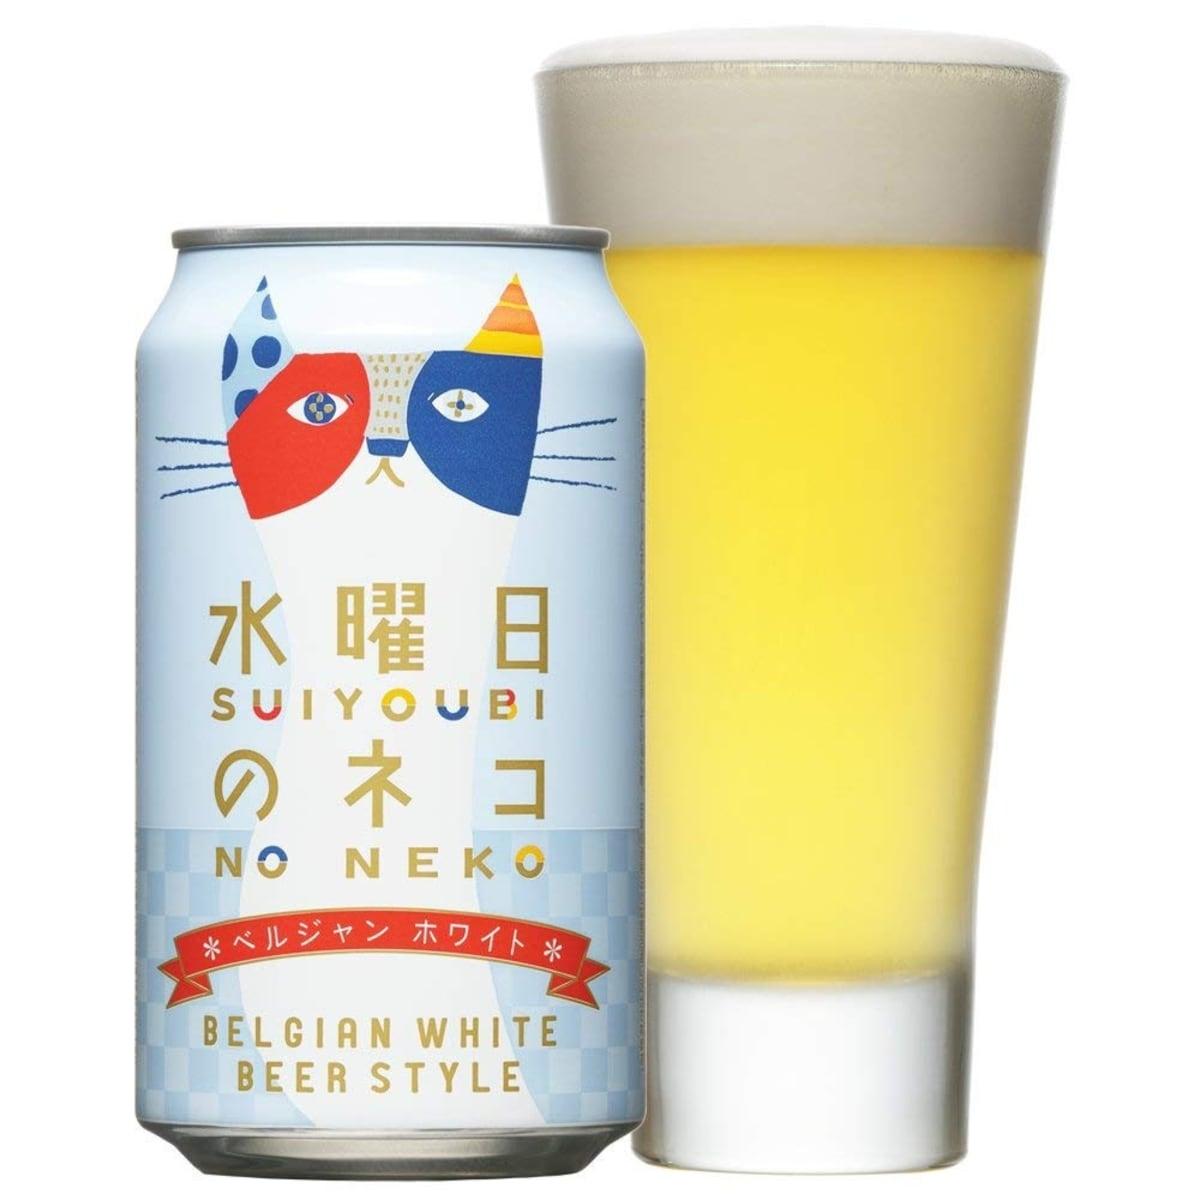 Refreshing Spring Beers